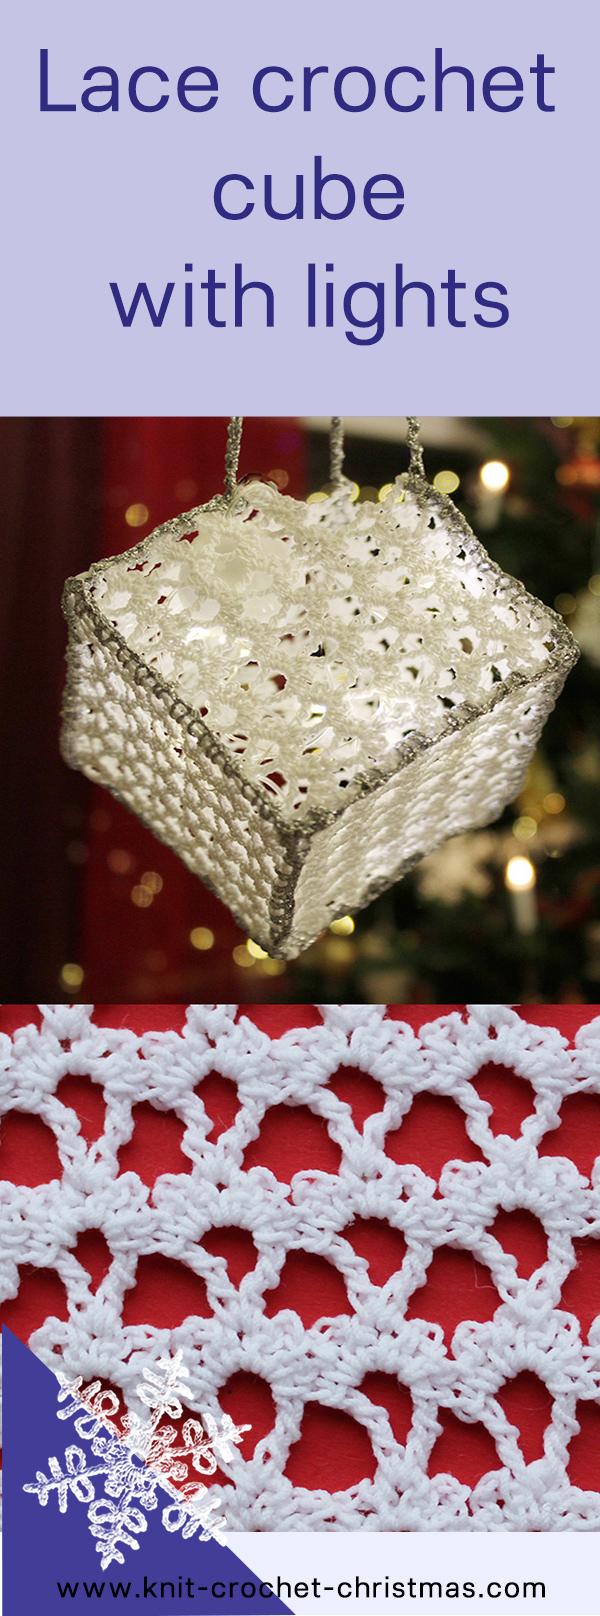 Crochet-cube-pattern